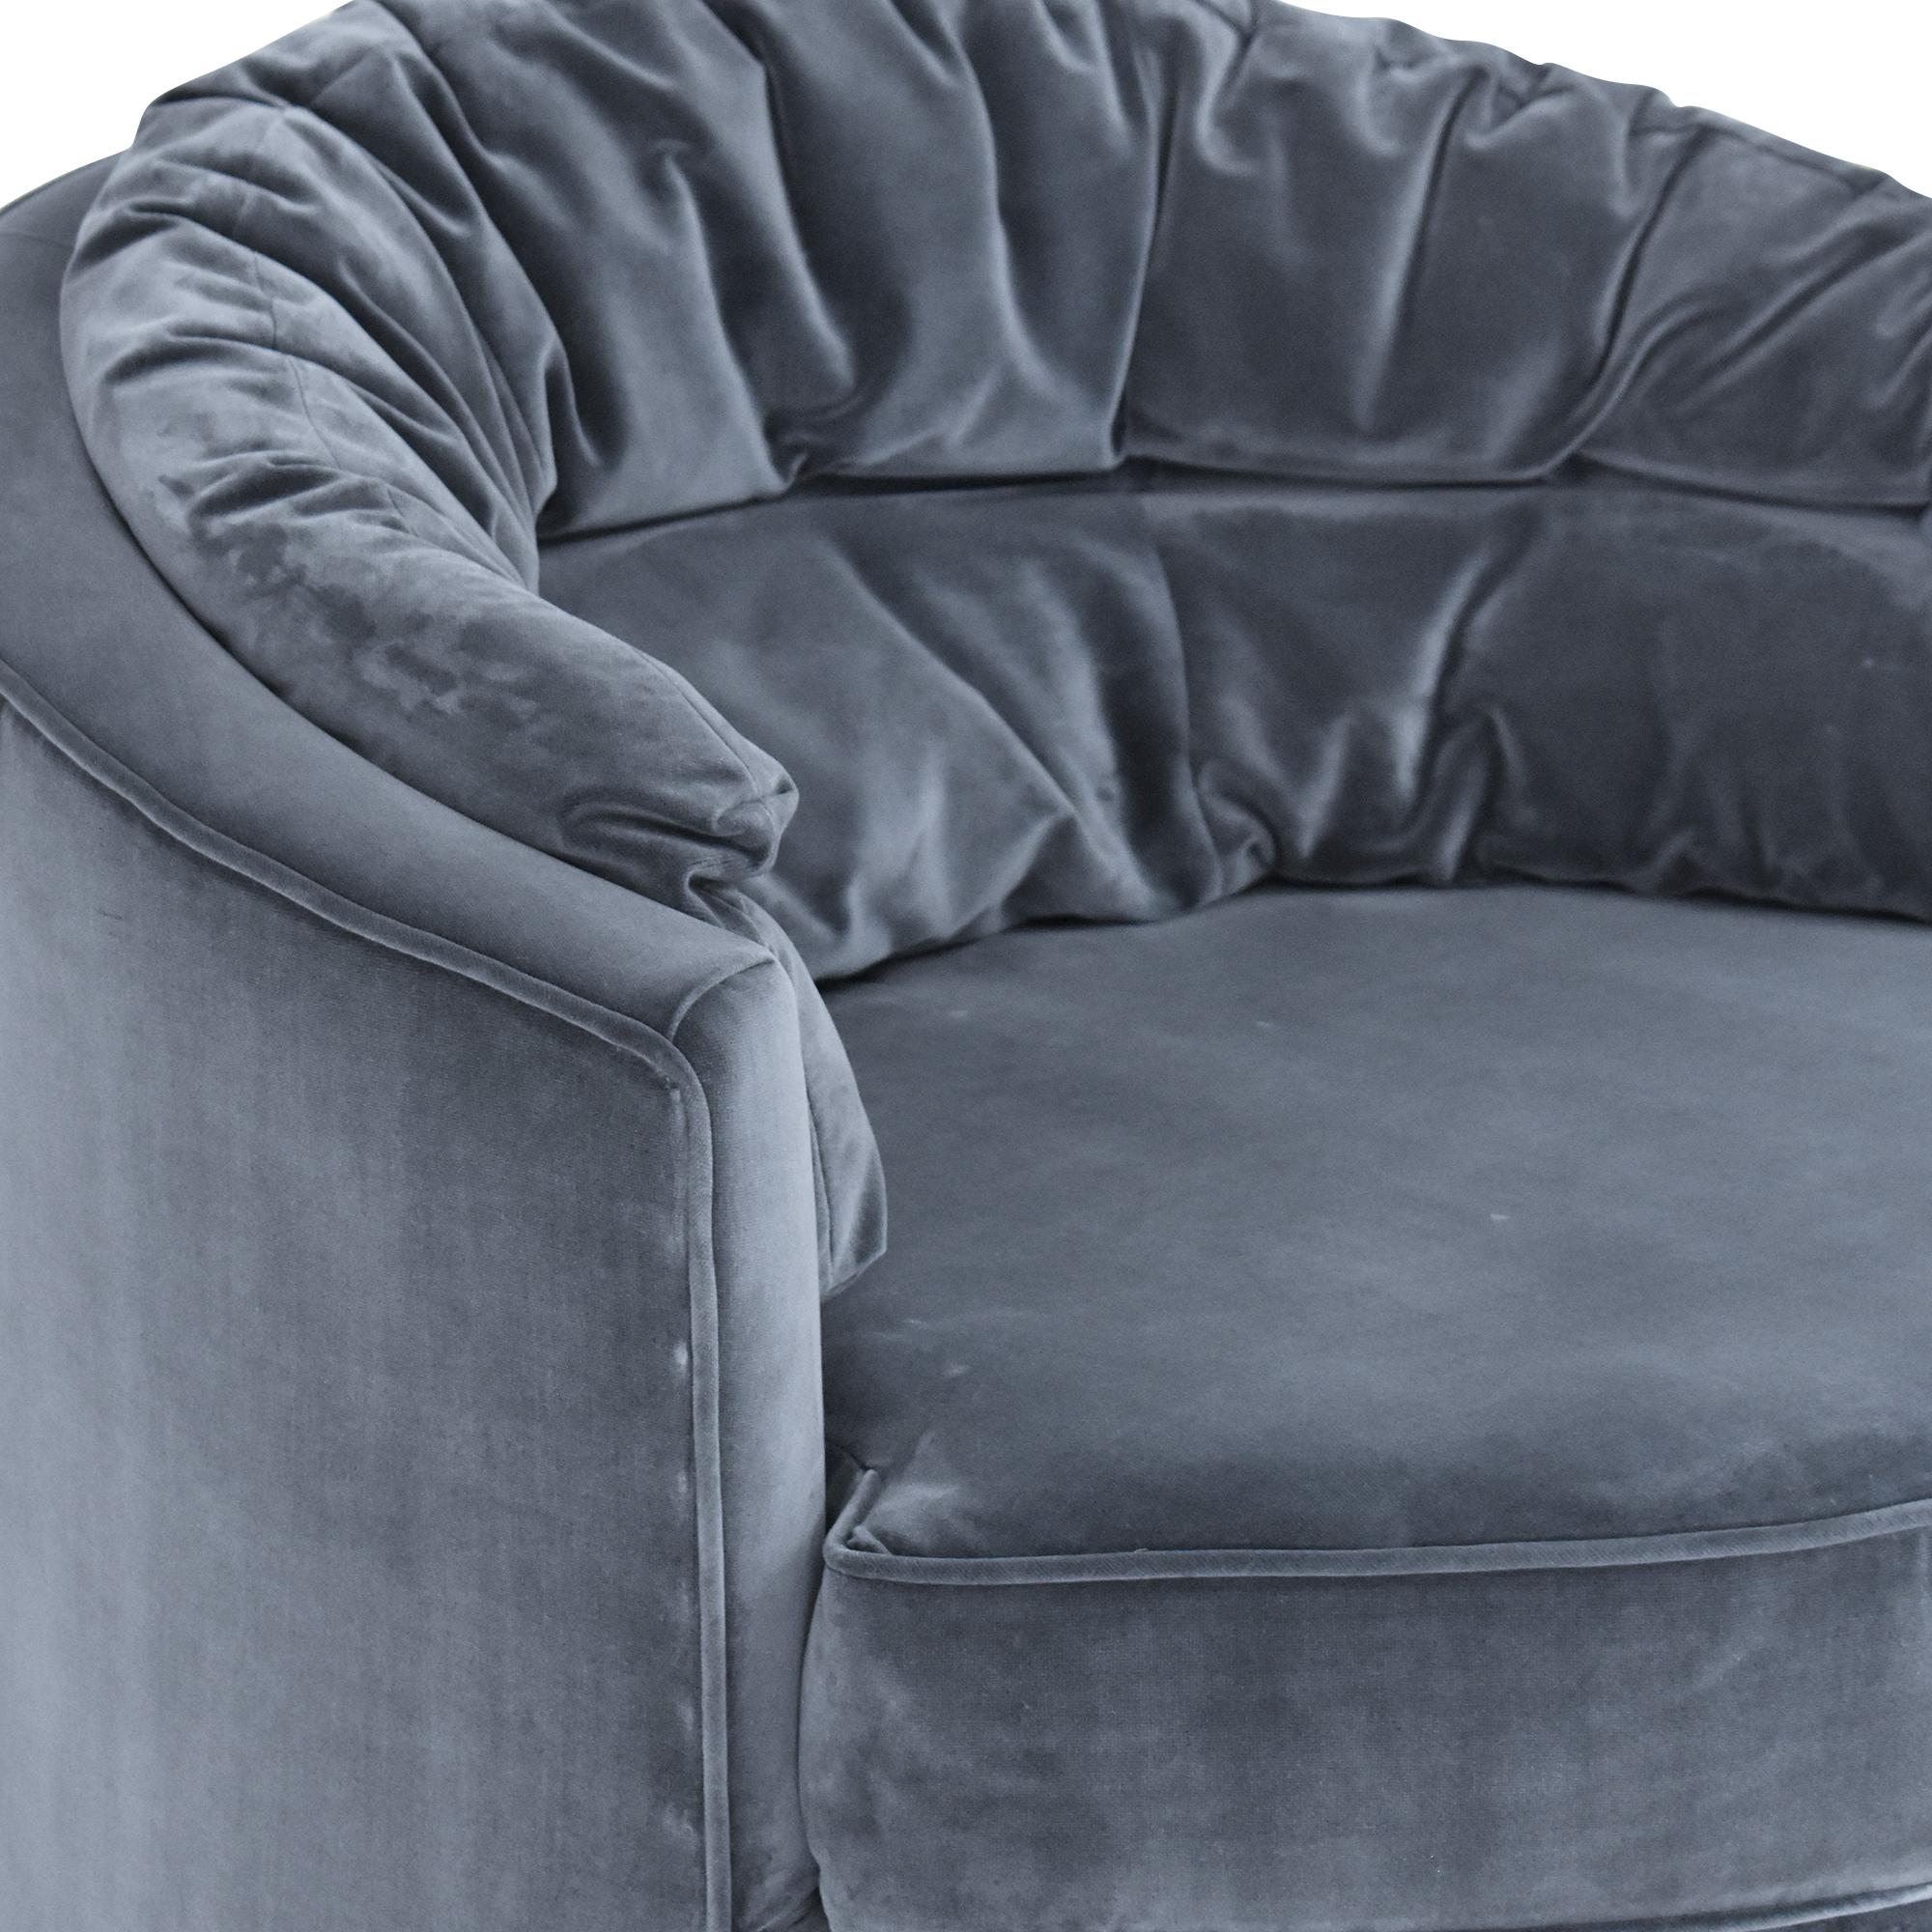 Eichholtz Eichholtz Recla Round Chair  for sale